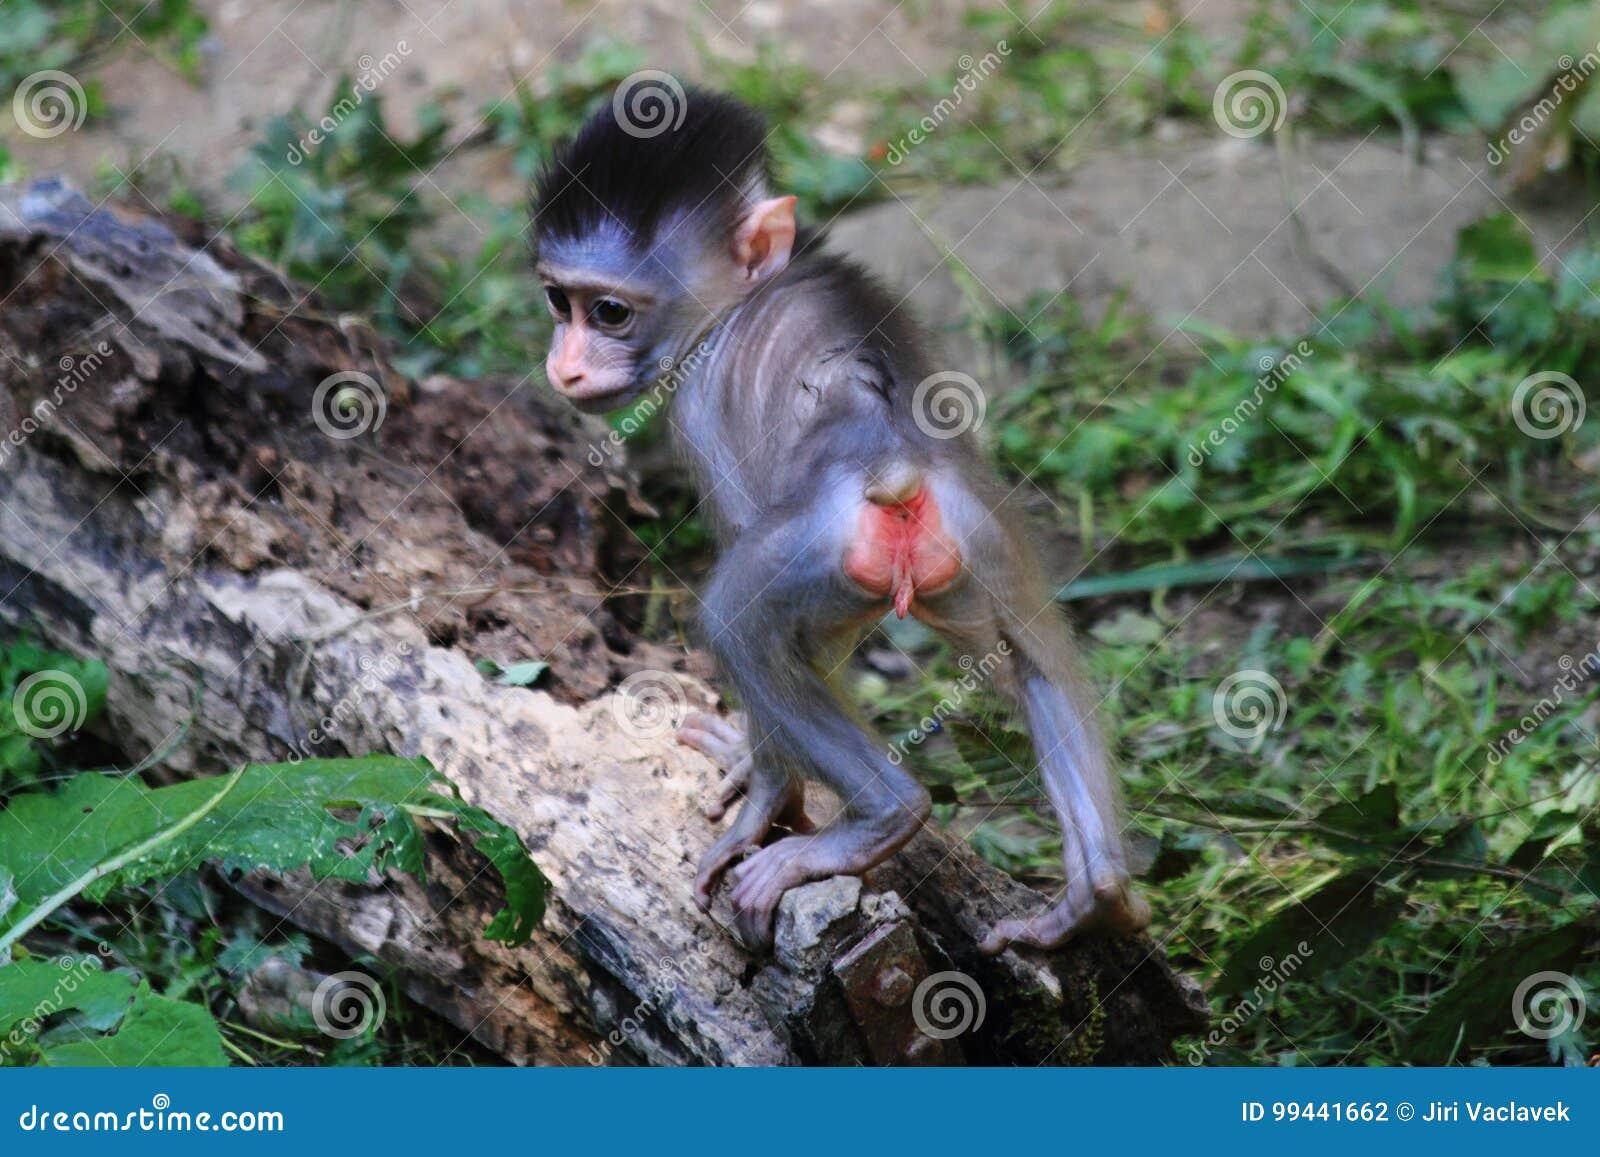 wild baboon monkey